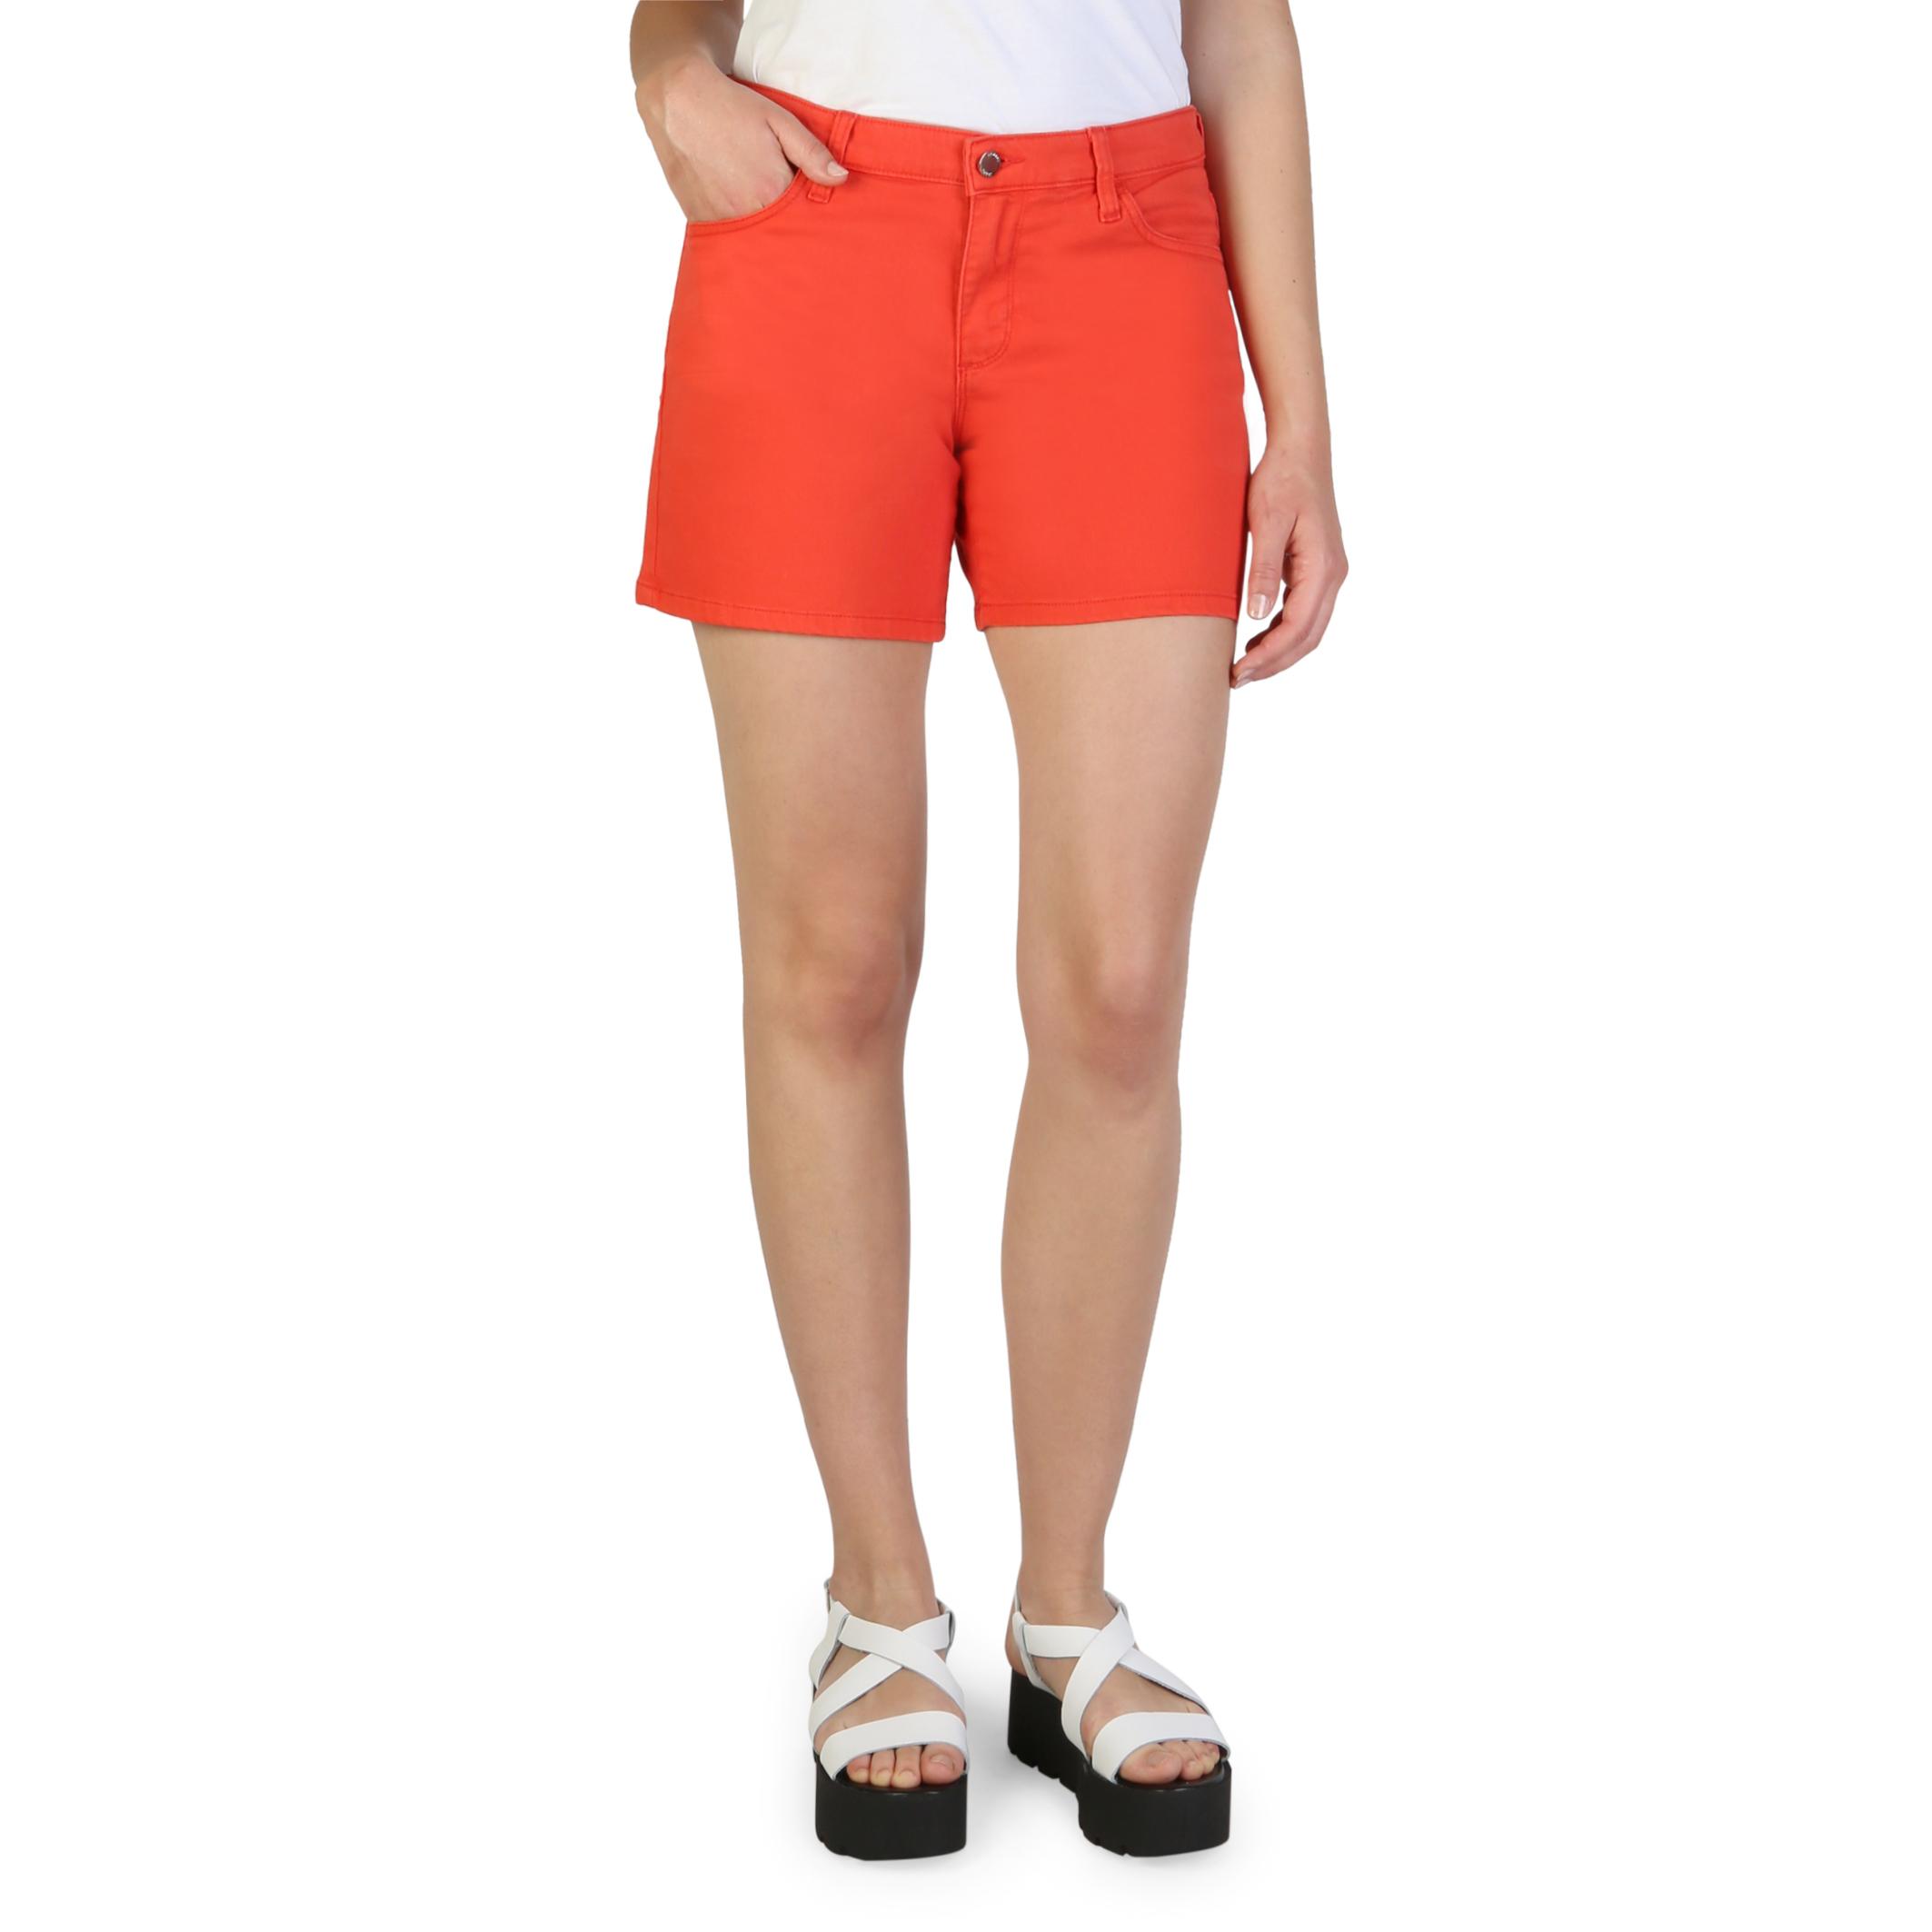 Armani Jeans 3Y5J05_5NXYZ Donna Rosso 107930Armani Jeans